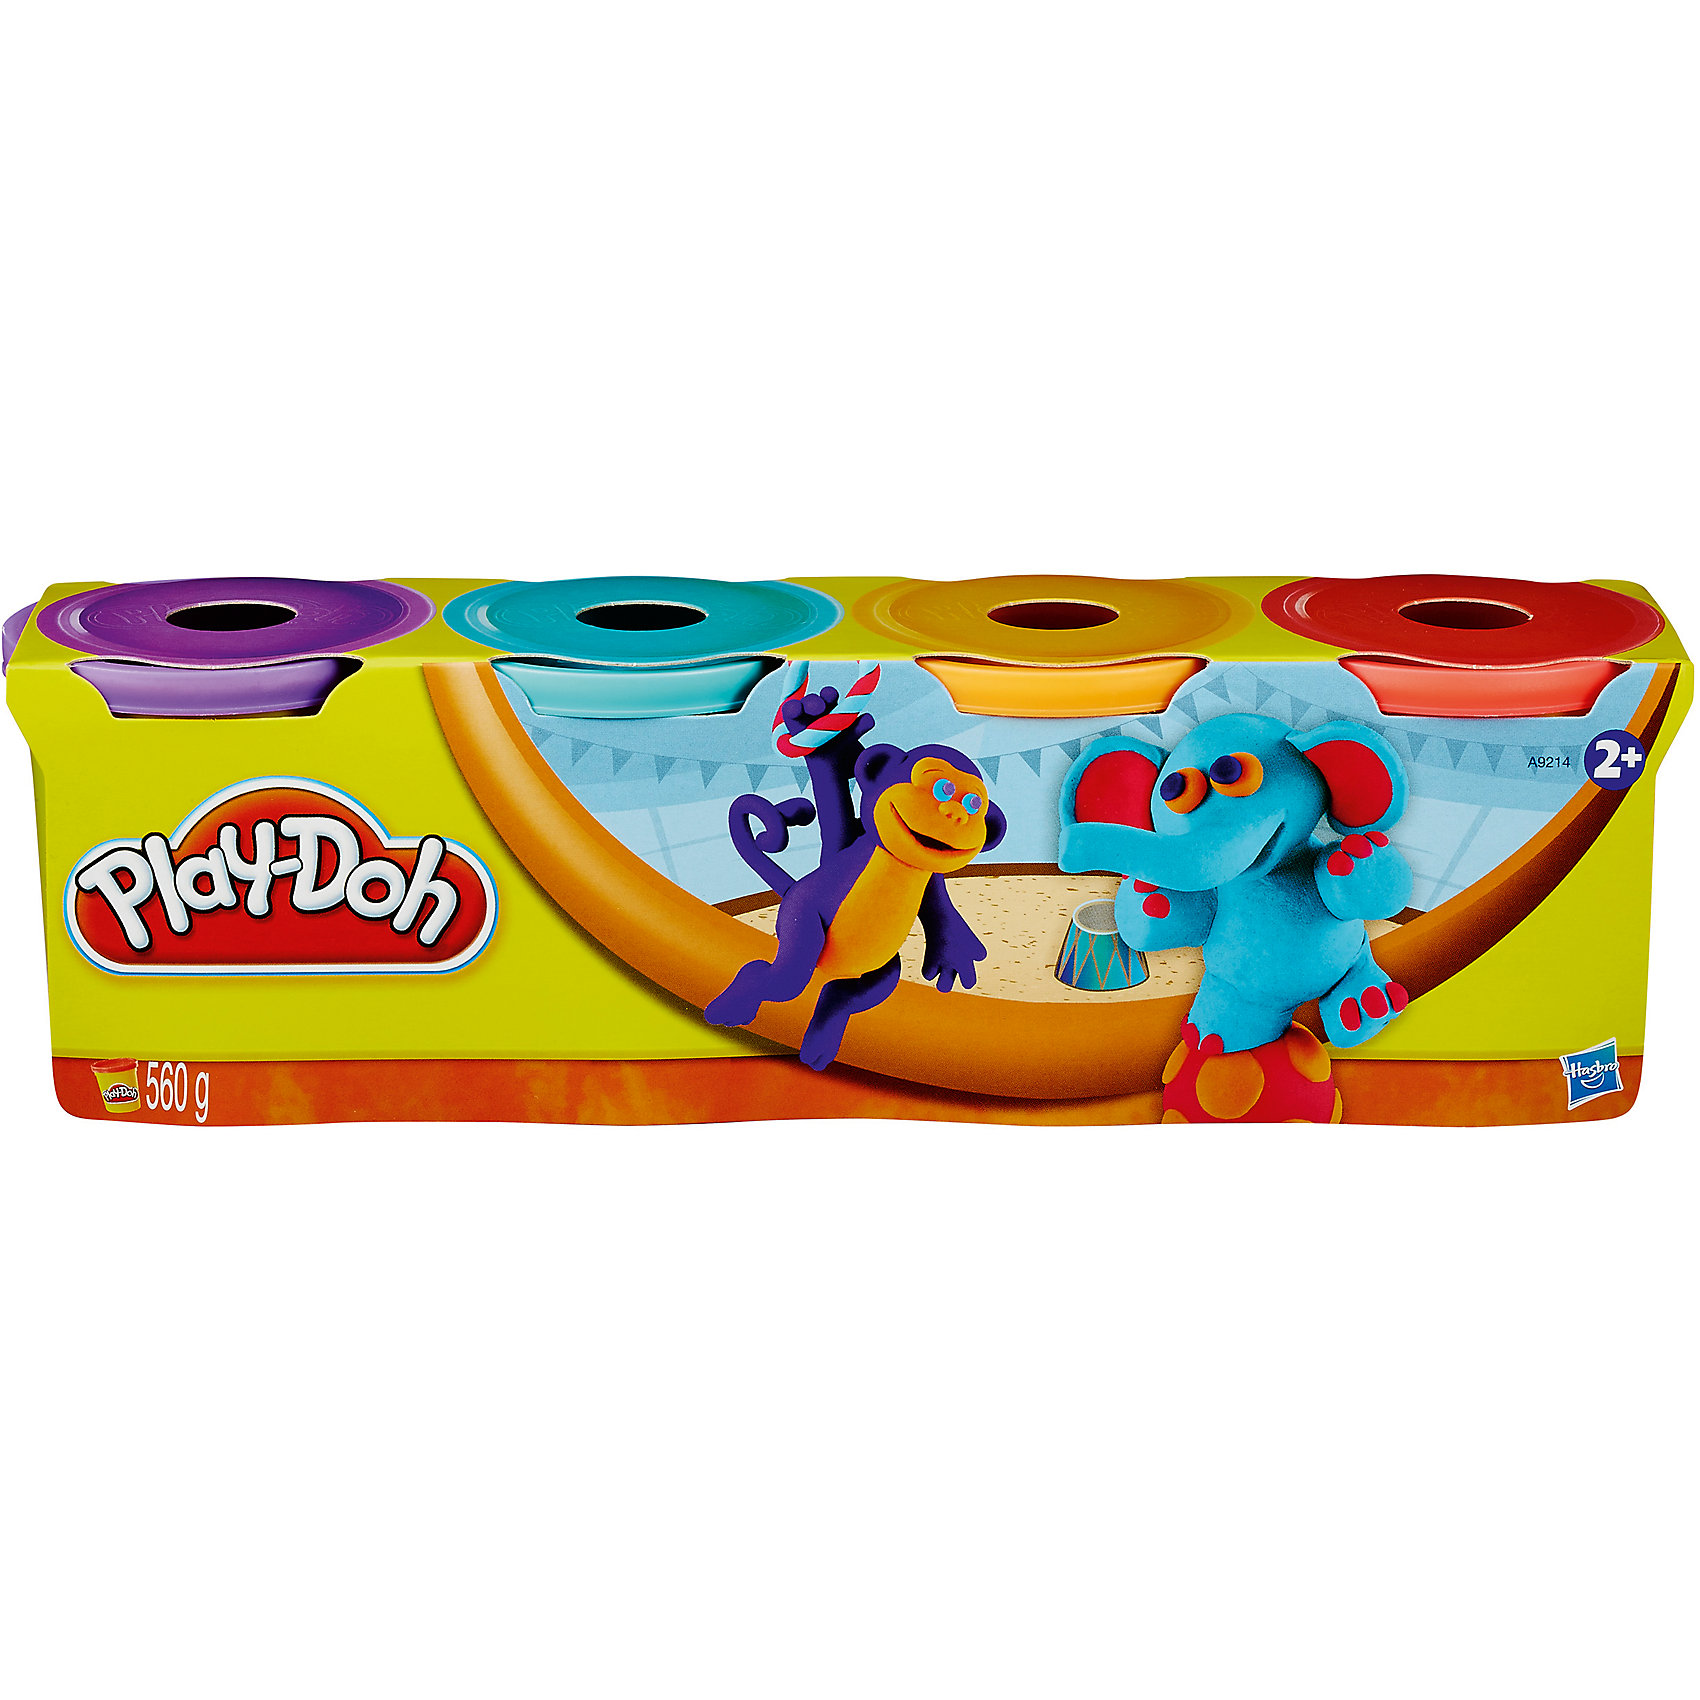 Пластилин в 4-х банках,#1, Play-DohНабор пластилина Play Doh из 4-х баночек - оптимальный вариант для тех, кто только знакомится с лепкой. Если четырёх базовых цветов не хватает для реализации вашей задумки, смело смешивайте их и получайте нужный оттенок! С пластилином Плей-До лепить  просто и весело, он очень пластичен и создан из экологичных материалов.    Дополнительная информация:  - Комплект из четырех банок - Цвета: розовый, бирюзовый, оранжевый, желтый, фиолетовый, зеленый, красный, голубой, синий, светло-розовый, золотистый. - Размер упаковки: 70 х 277 х 80 мм - Вес каждой банки: 130 г   Пластилин в 4-х банках, , Play-Doh можно купить в нашем магазине.<br><br>Ширина мм: 100<br>Глубина мм: 100<br>Высота мм: 100<br>Вес г: 1000<br>Возраст от месяцев: 36<br>Возраст до месяцев: 108<br>Пол: Унисекс<br>Возраст: Детский<br>SKU: 4793642